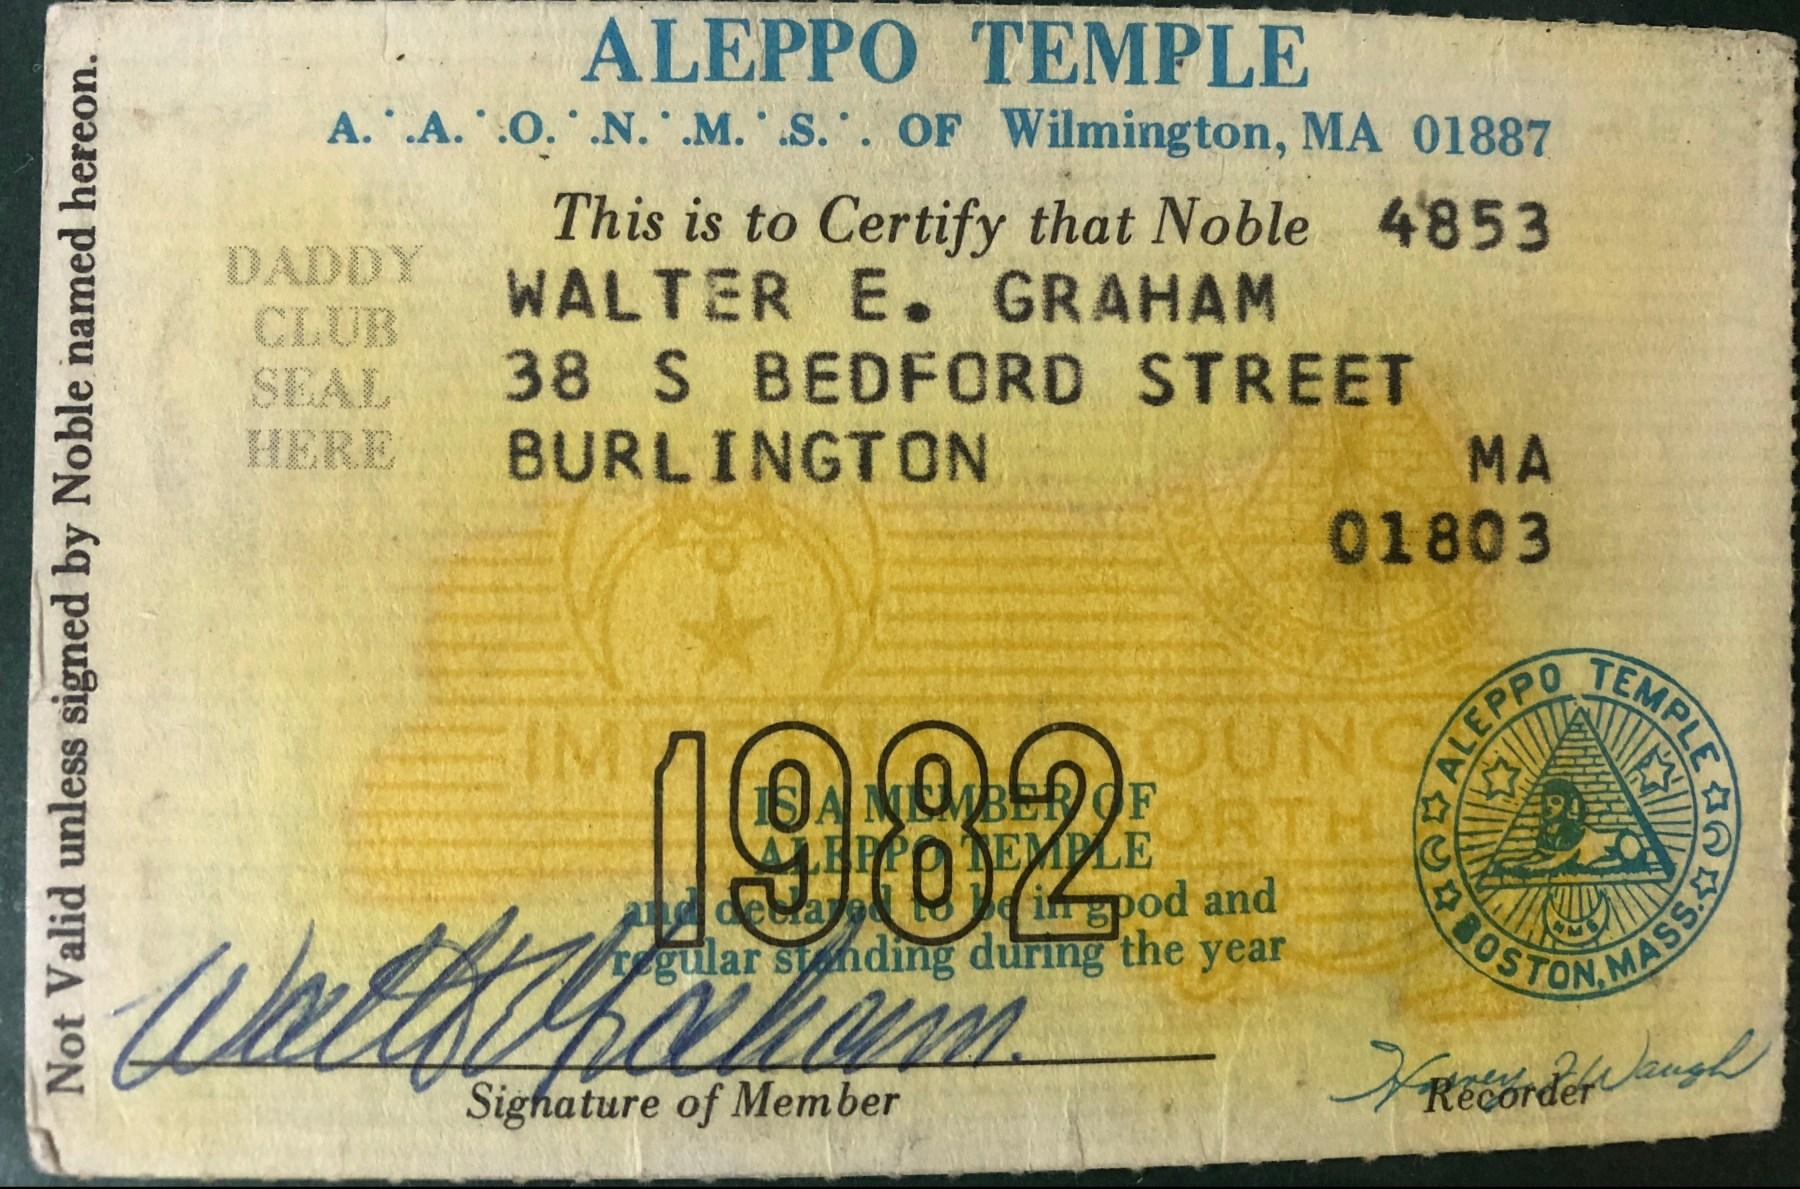 Allepo Temple card 1982